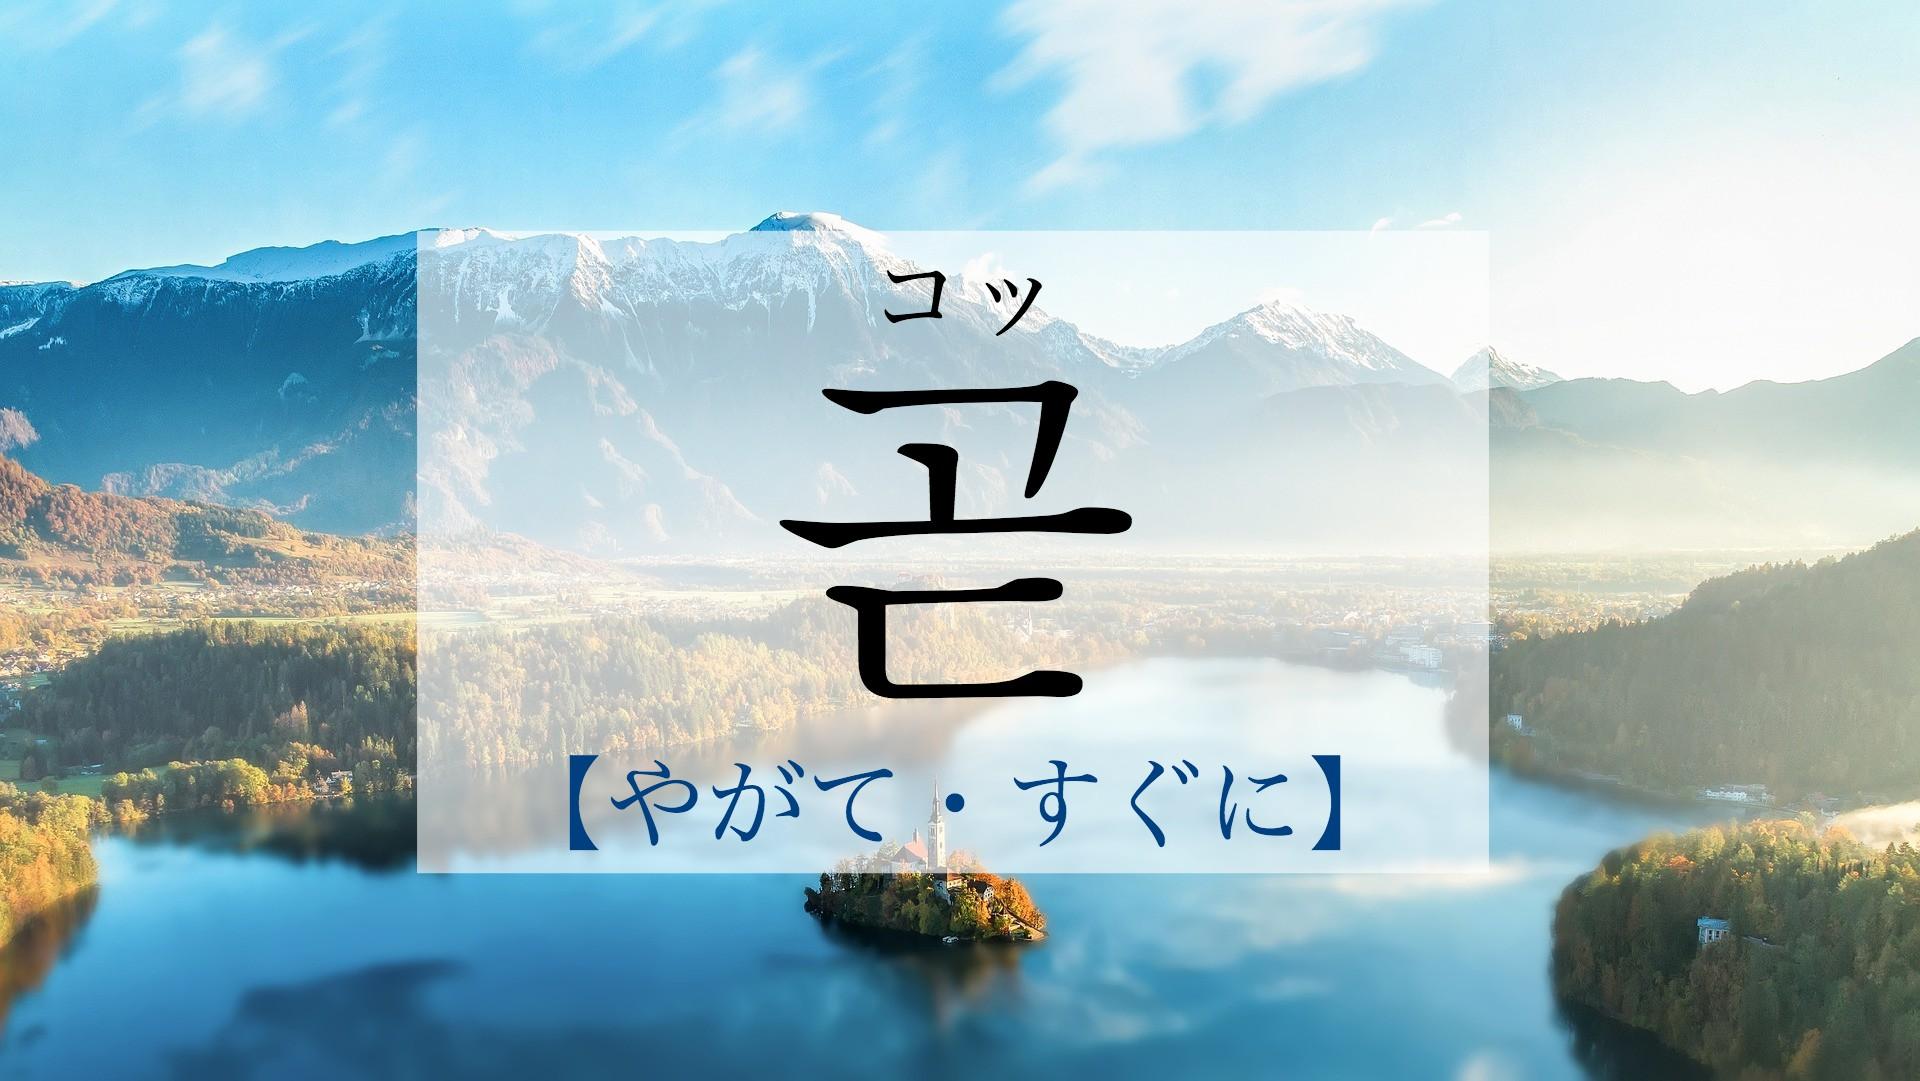 koreanword-soon